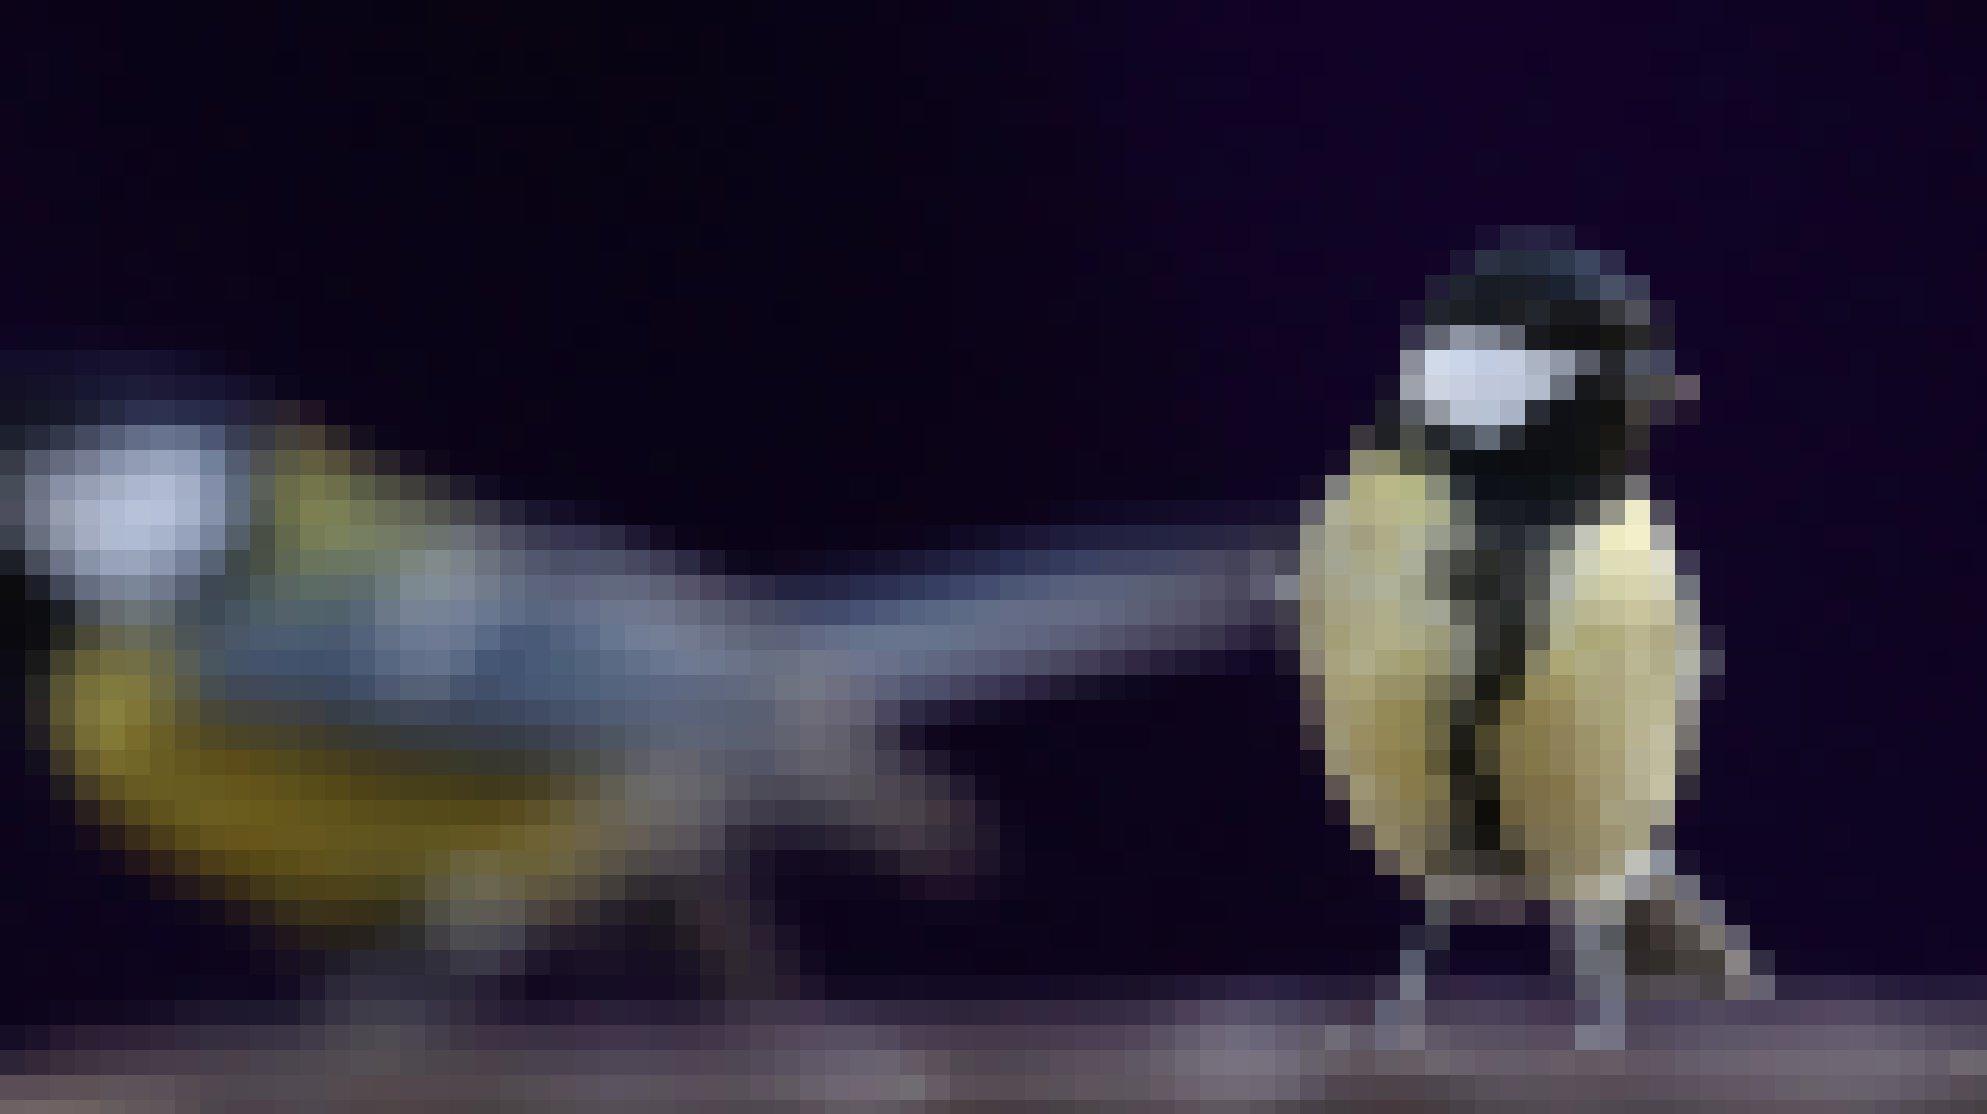 Ein kleiner Vogel mit gelber Brust, schwarzen Kopf und weißen Wangen sitzt auf einem Tisch und schaut direkt in die Kamera.